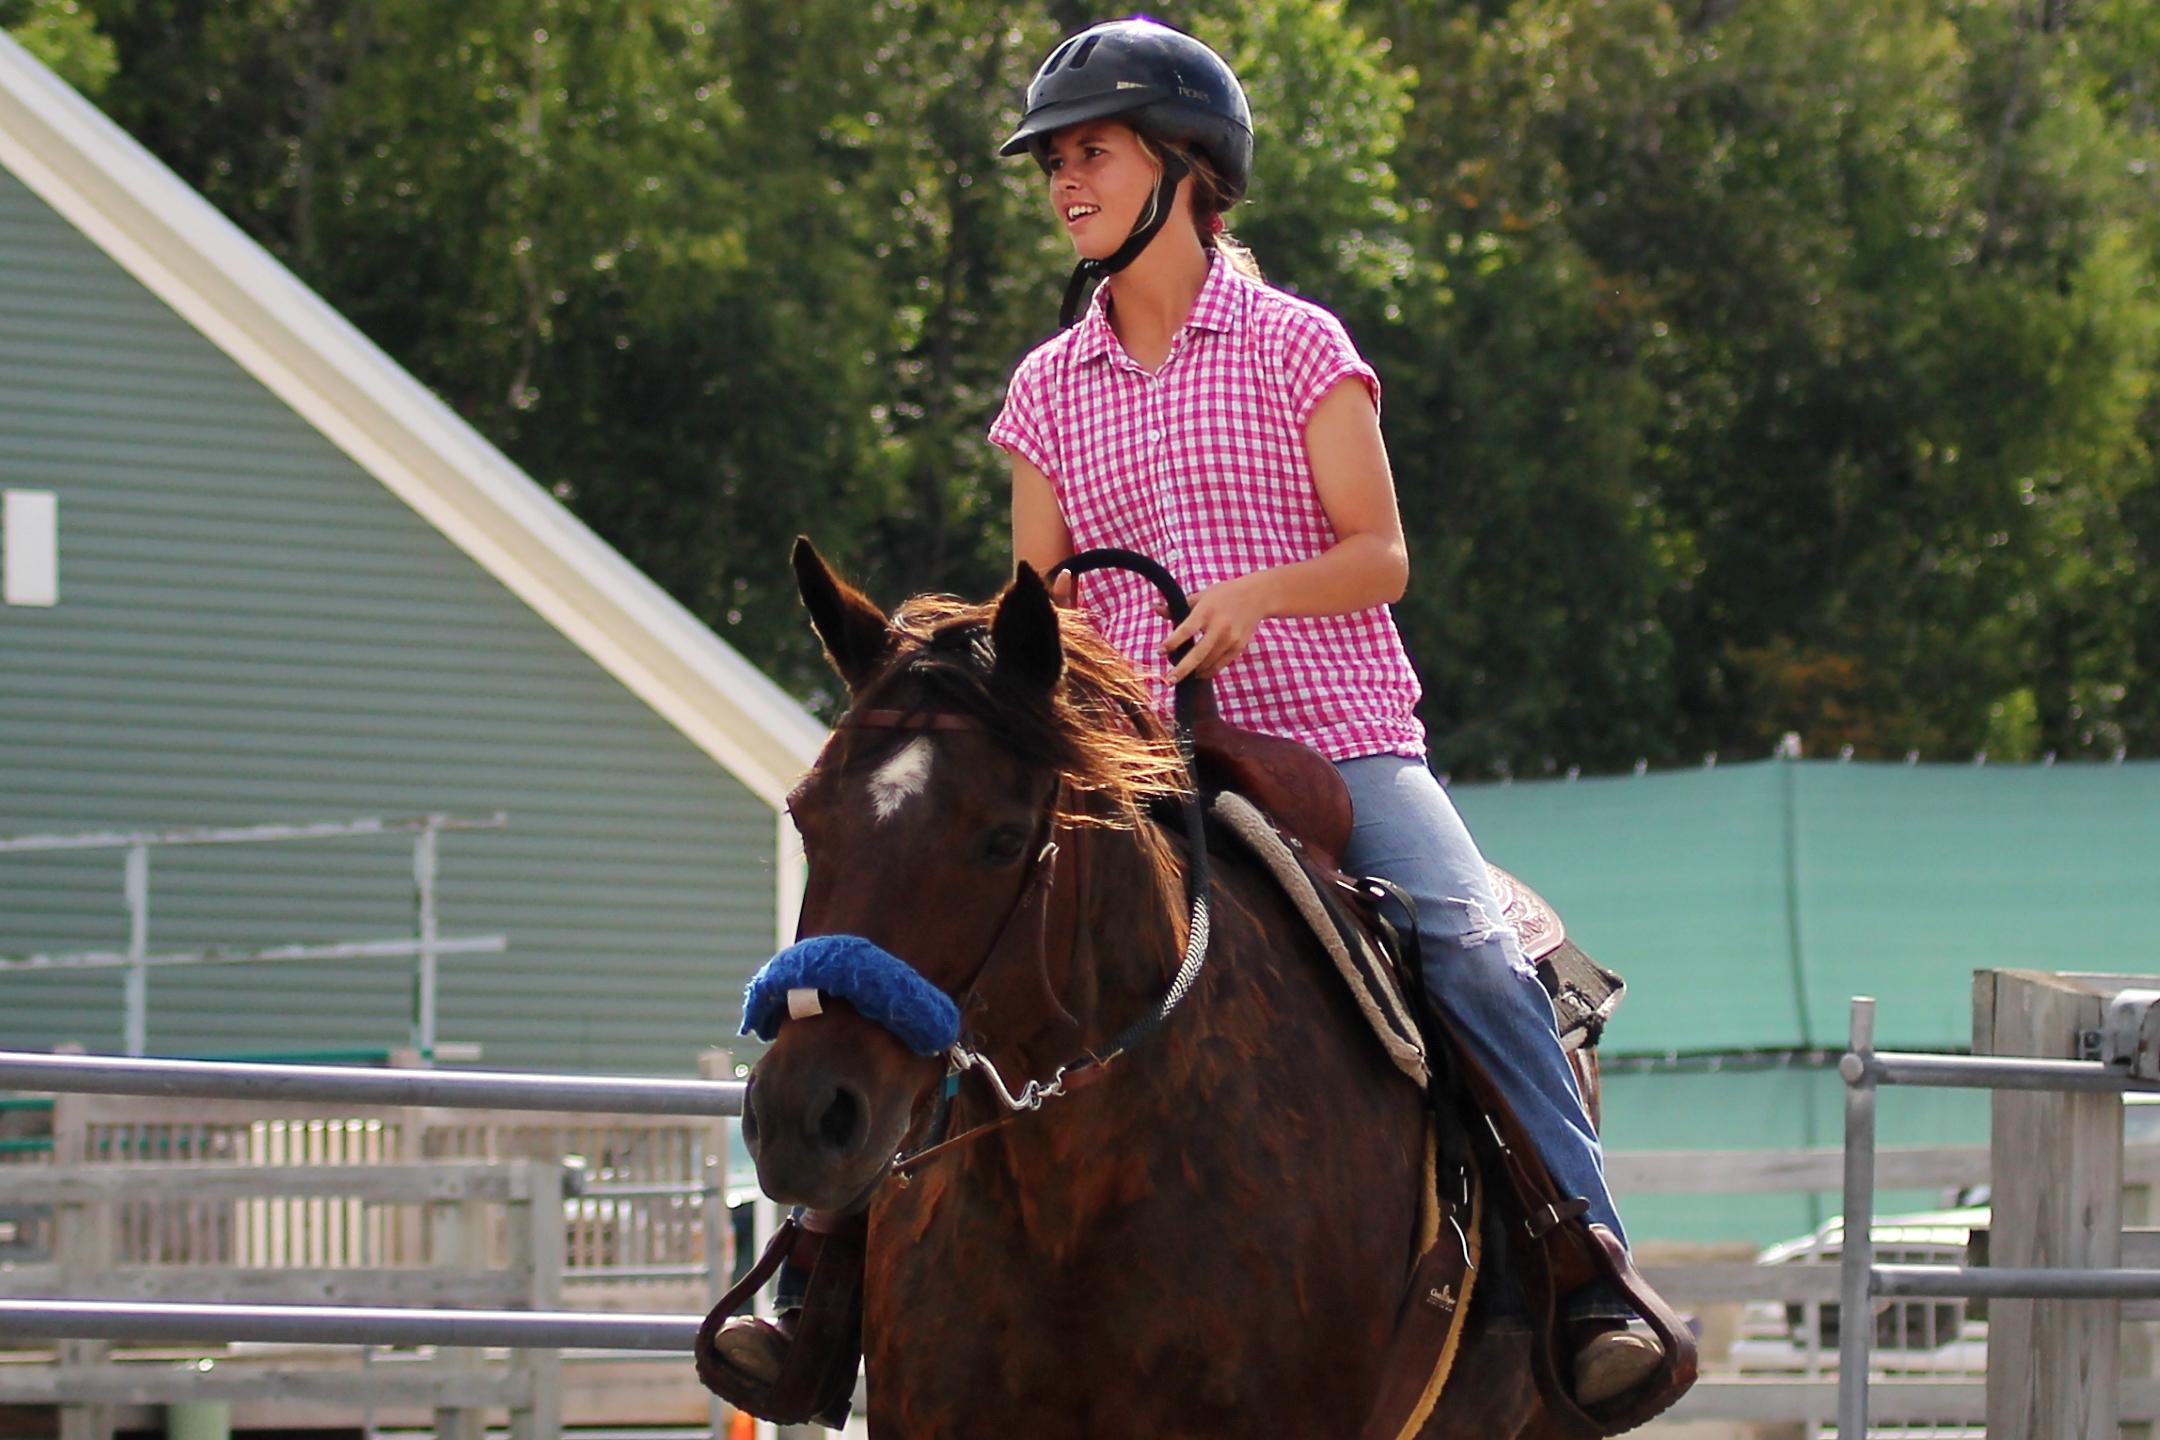 Horse Show Photos